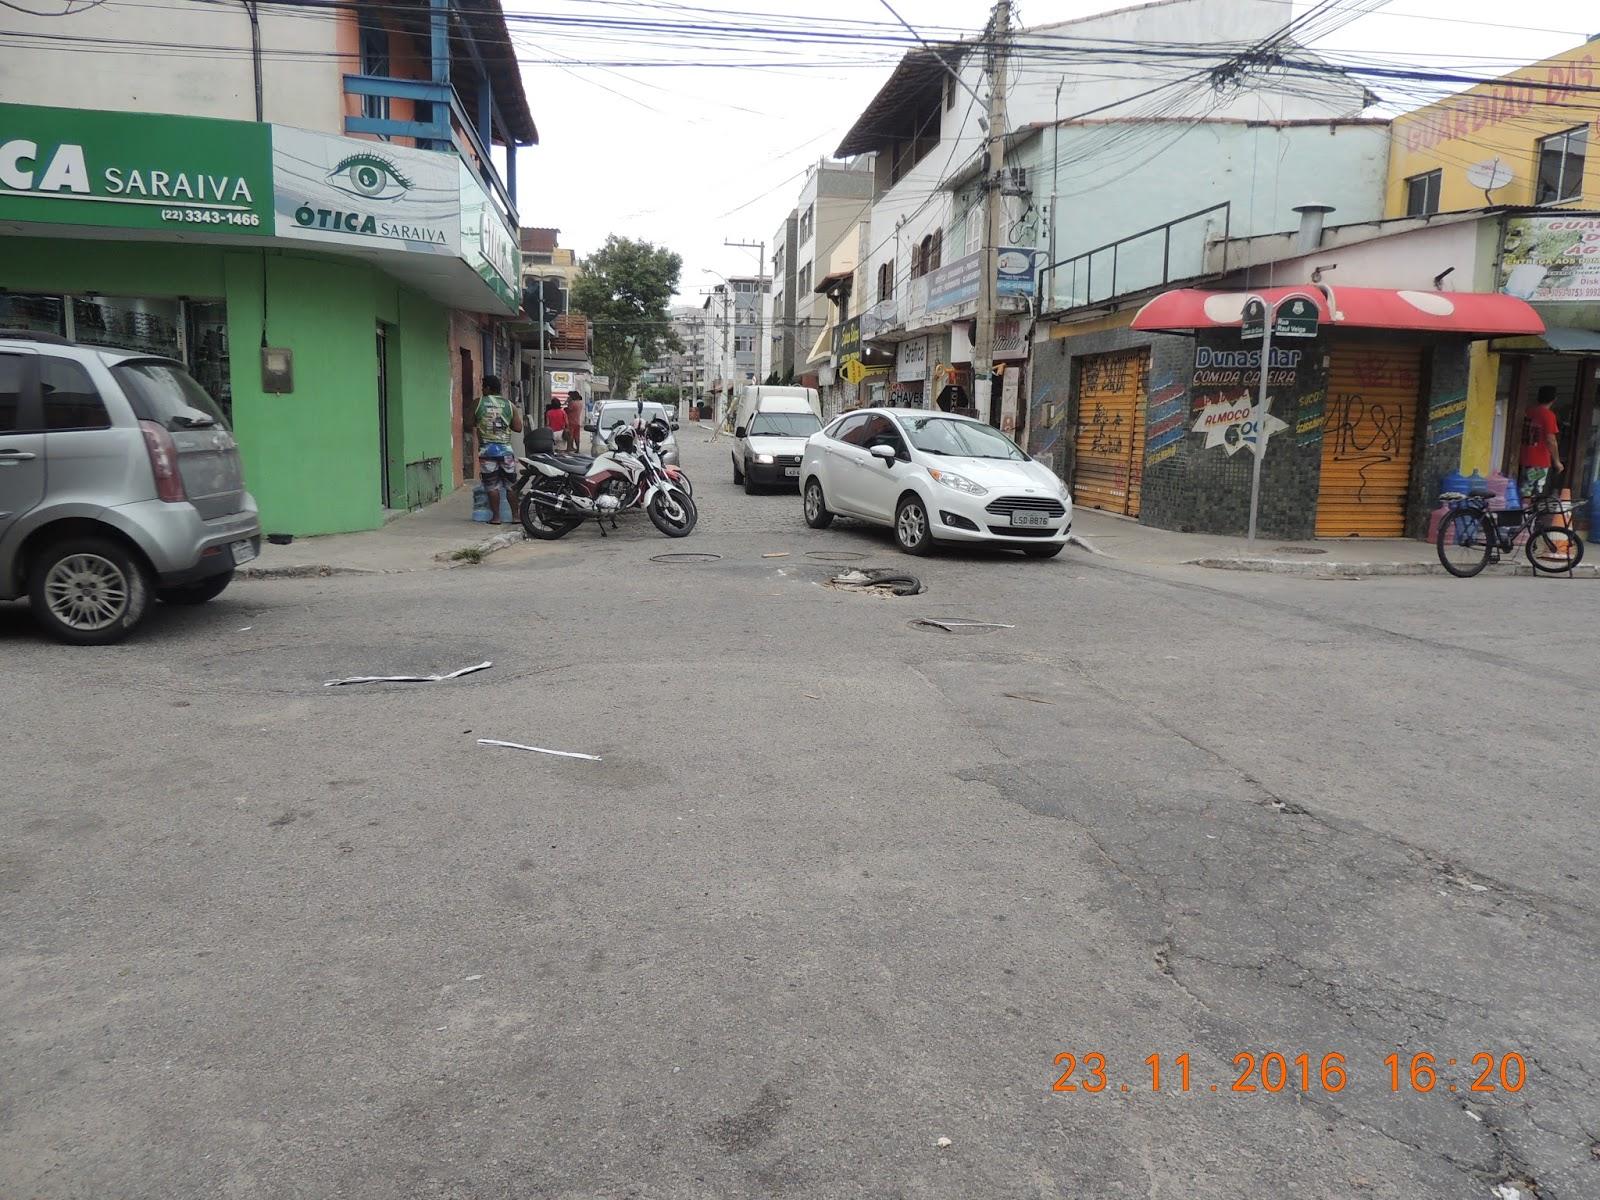 As crateras nas ruas de Cabo Frio continua causando transtornos para  motoristas. Esse buraco é na esquina da Rua Lopes da Guia com a Rua Raul  Veiga no ... 54959d2506